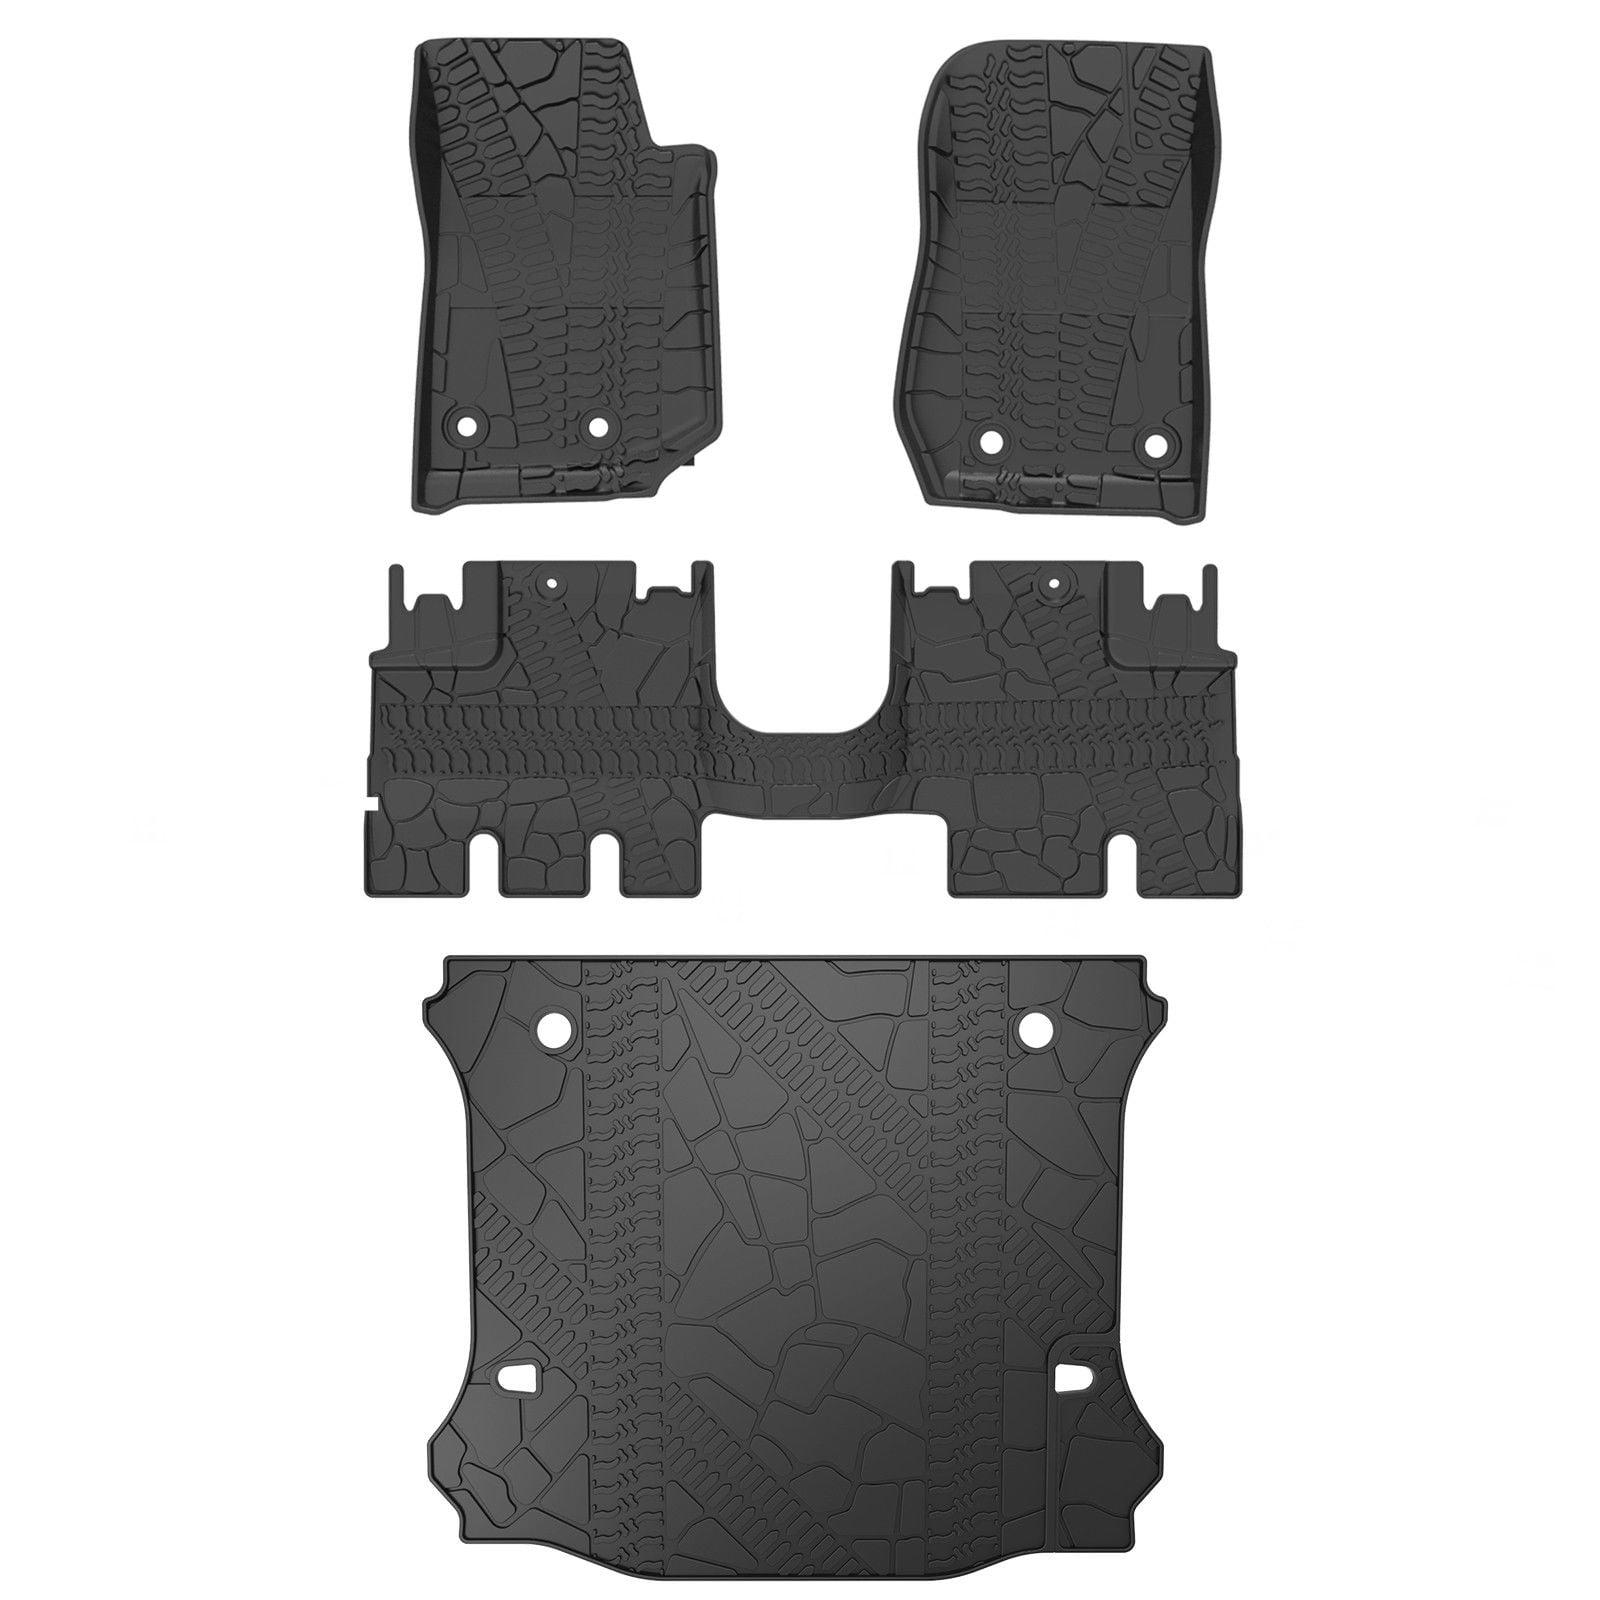 For 2014-2017 Jeep Wrangler Floor Mats&Cargo Floor Mats 4 pieces